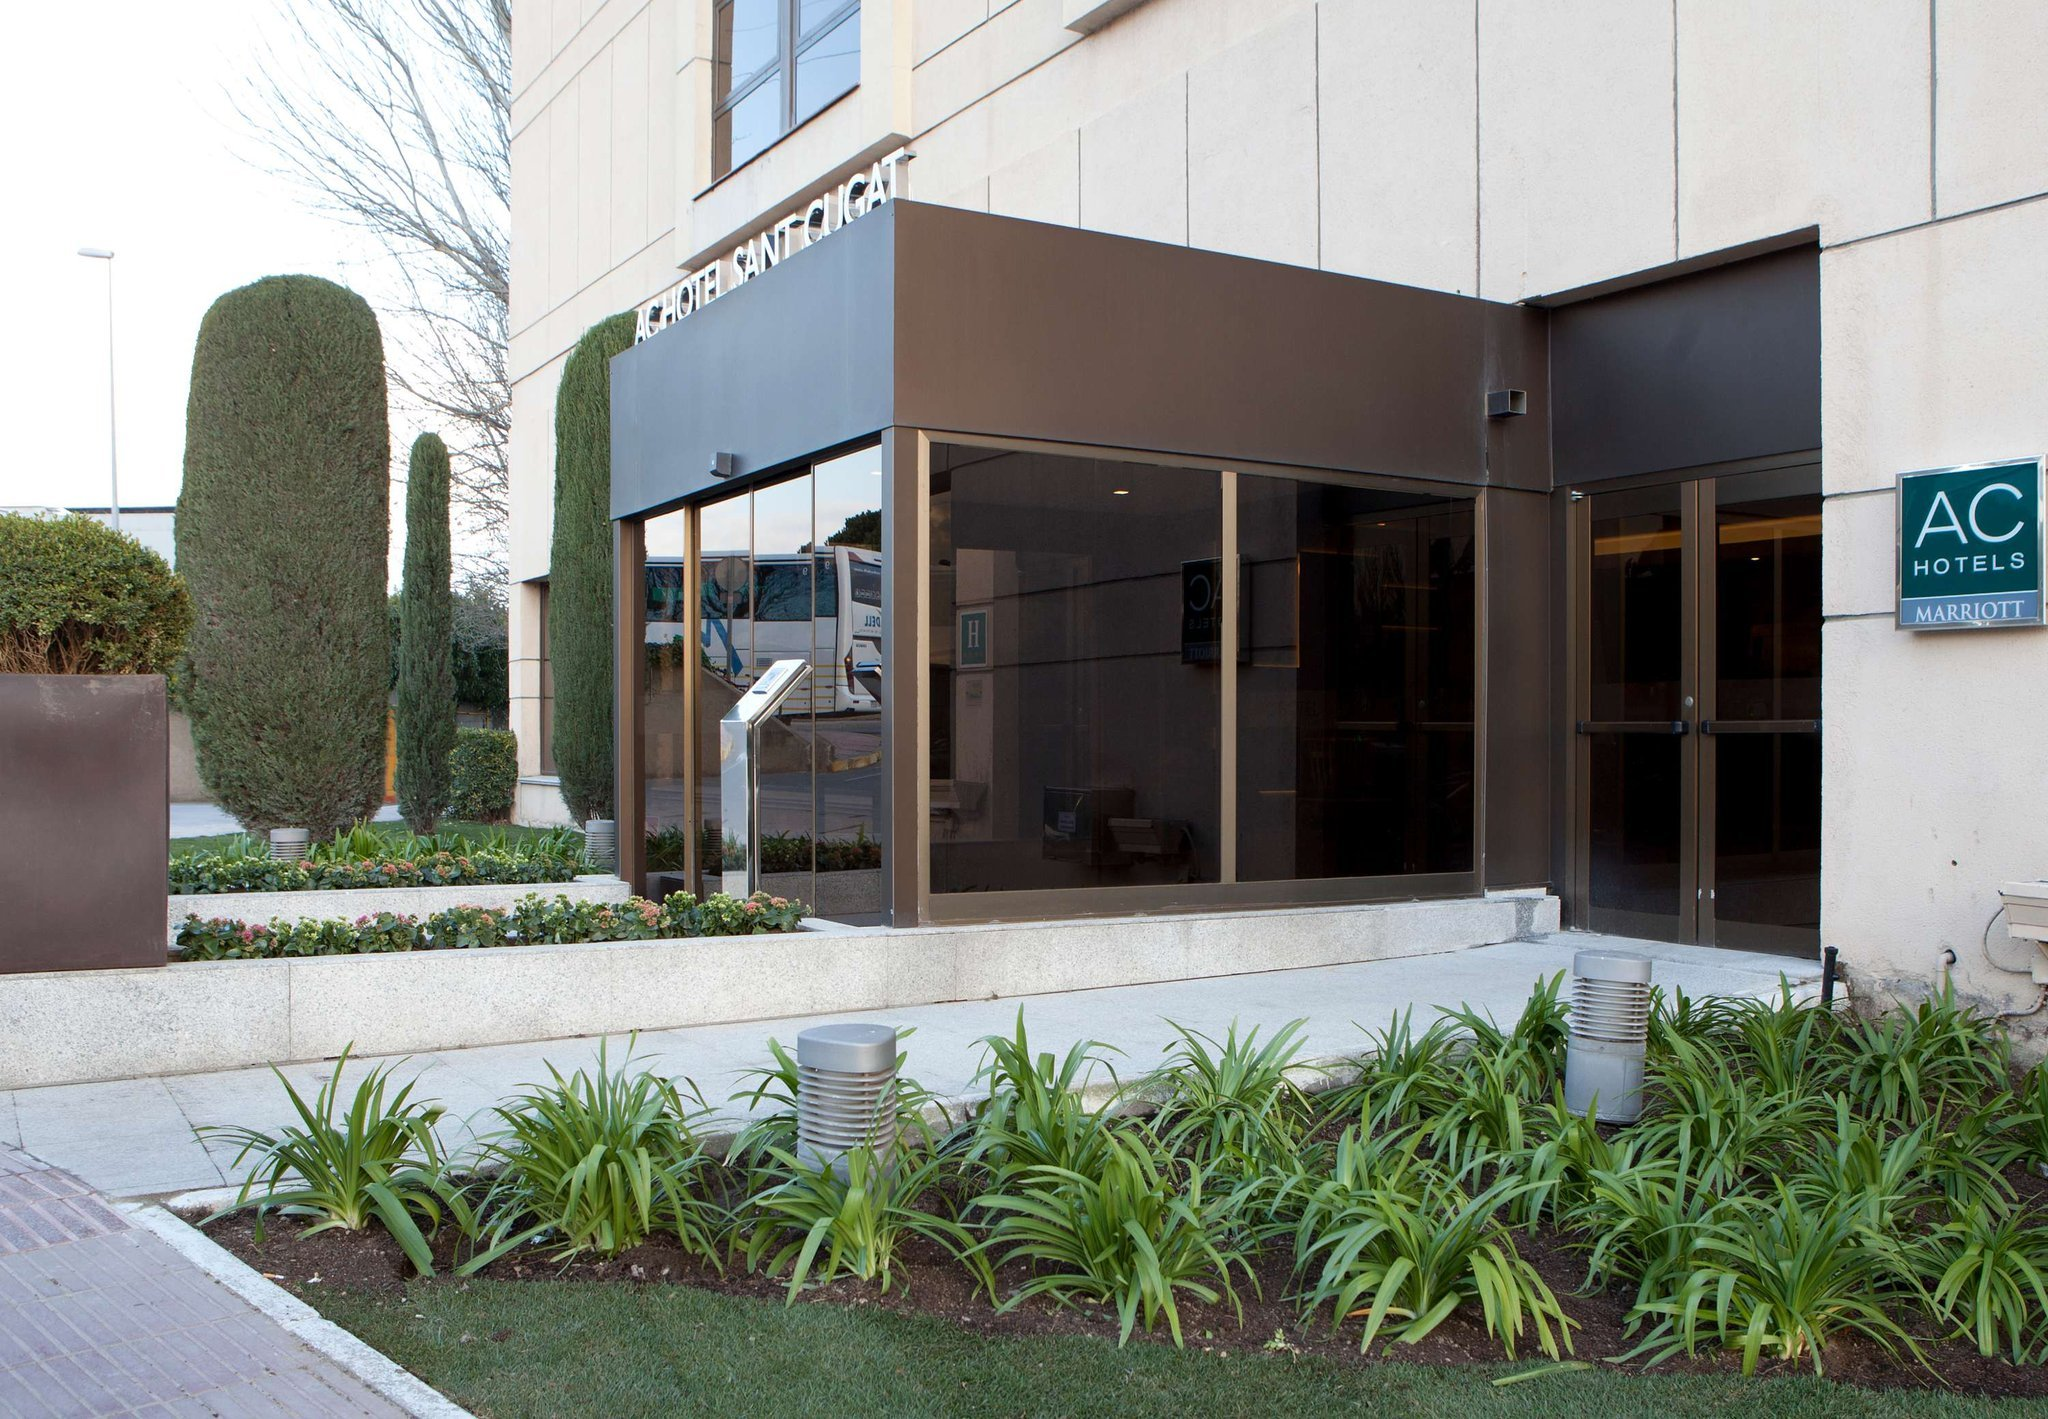 聖庫加特 AC 飯店